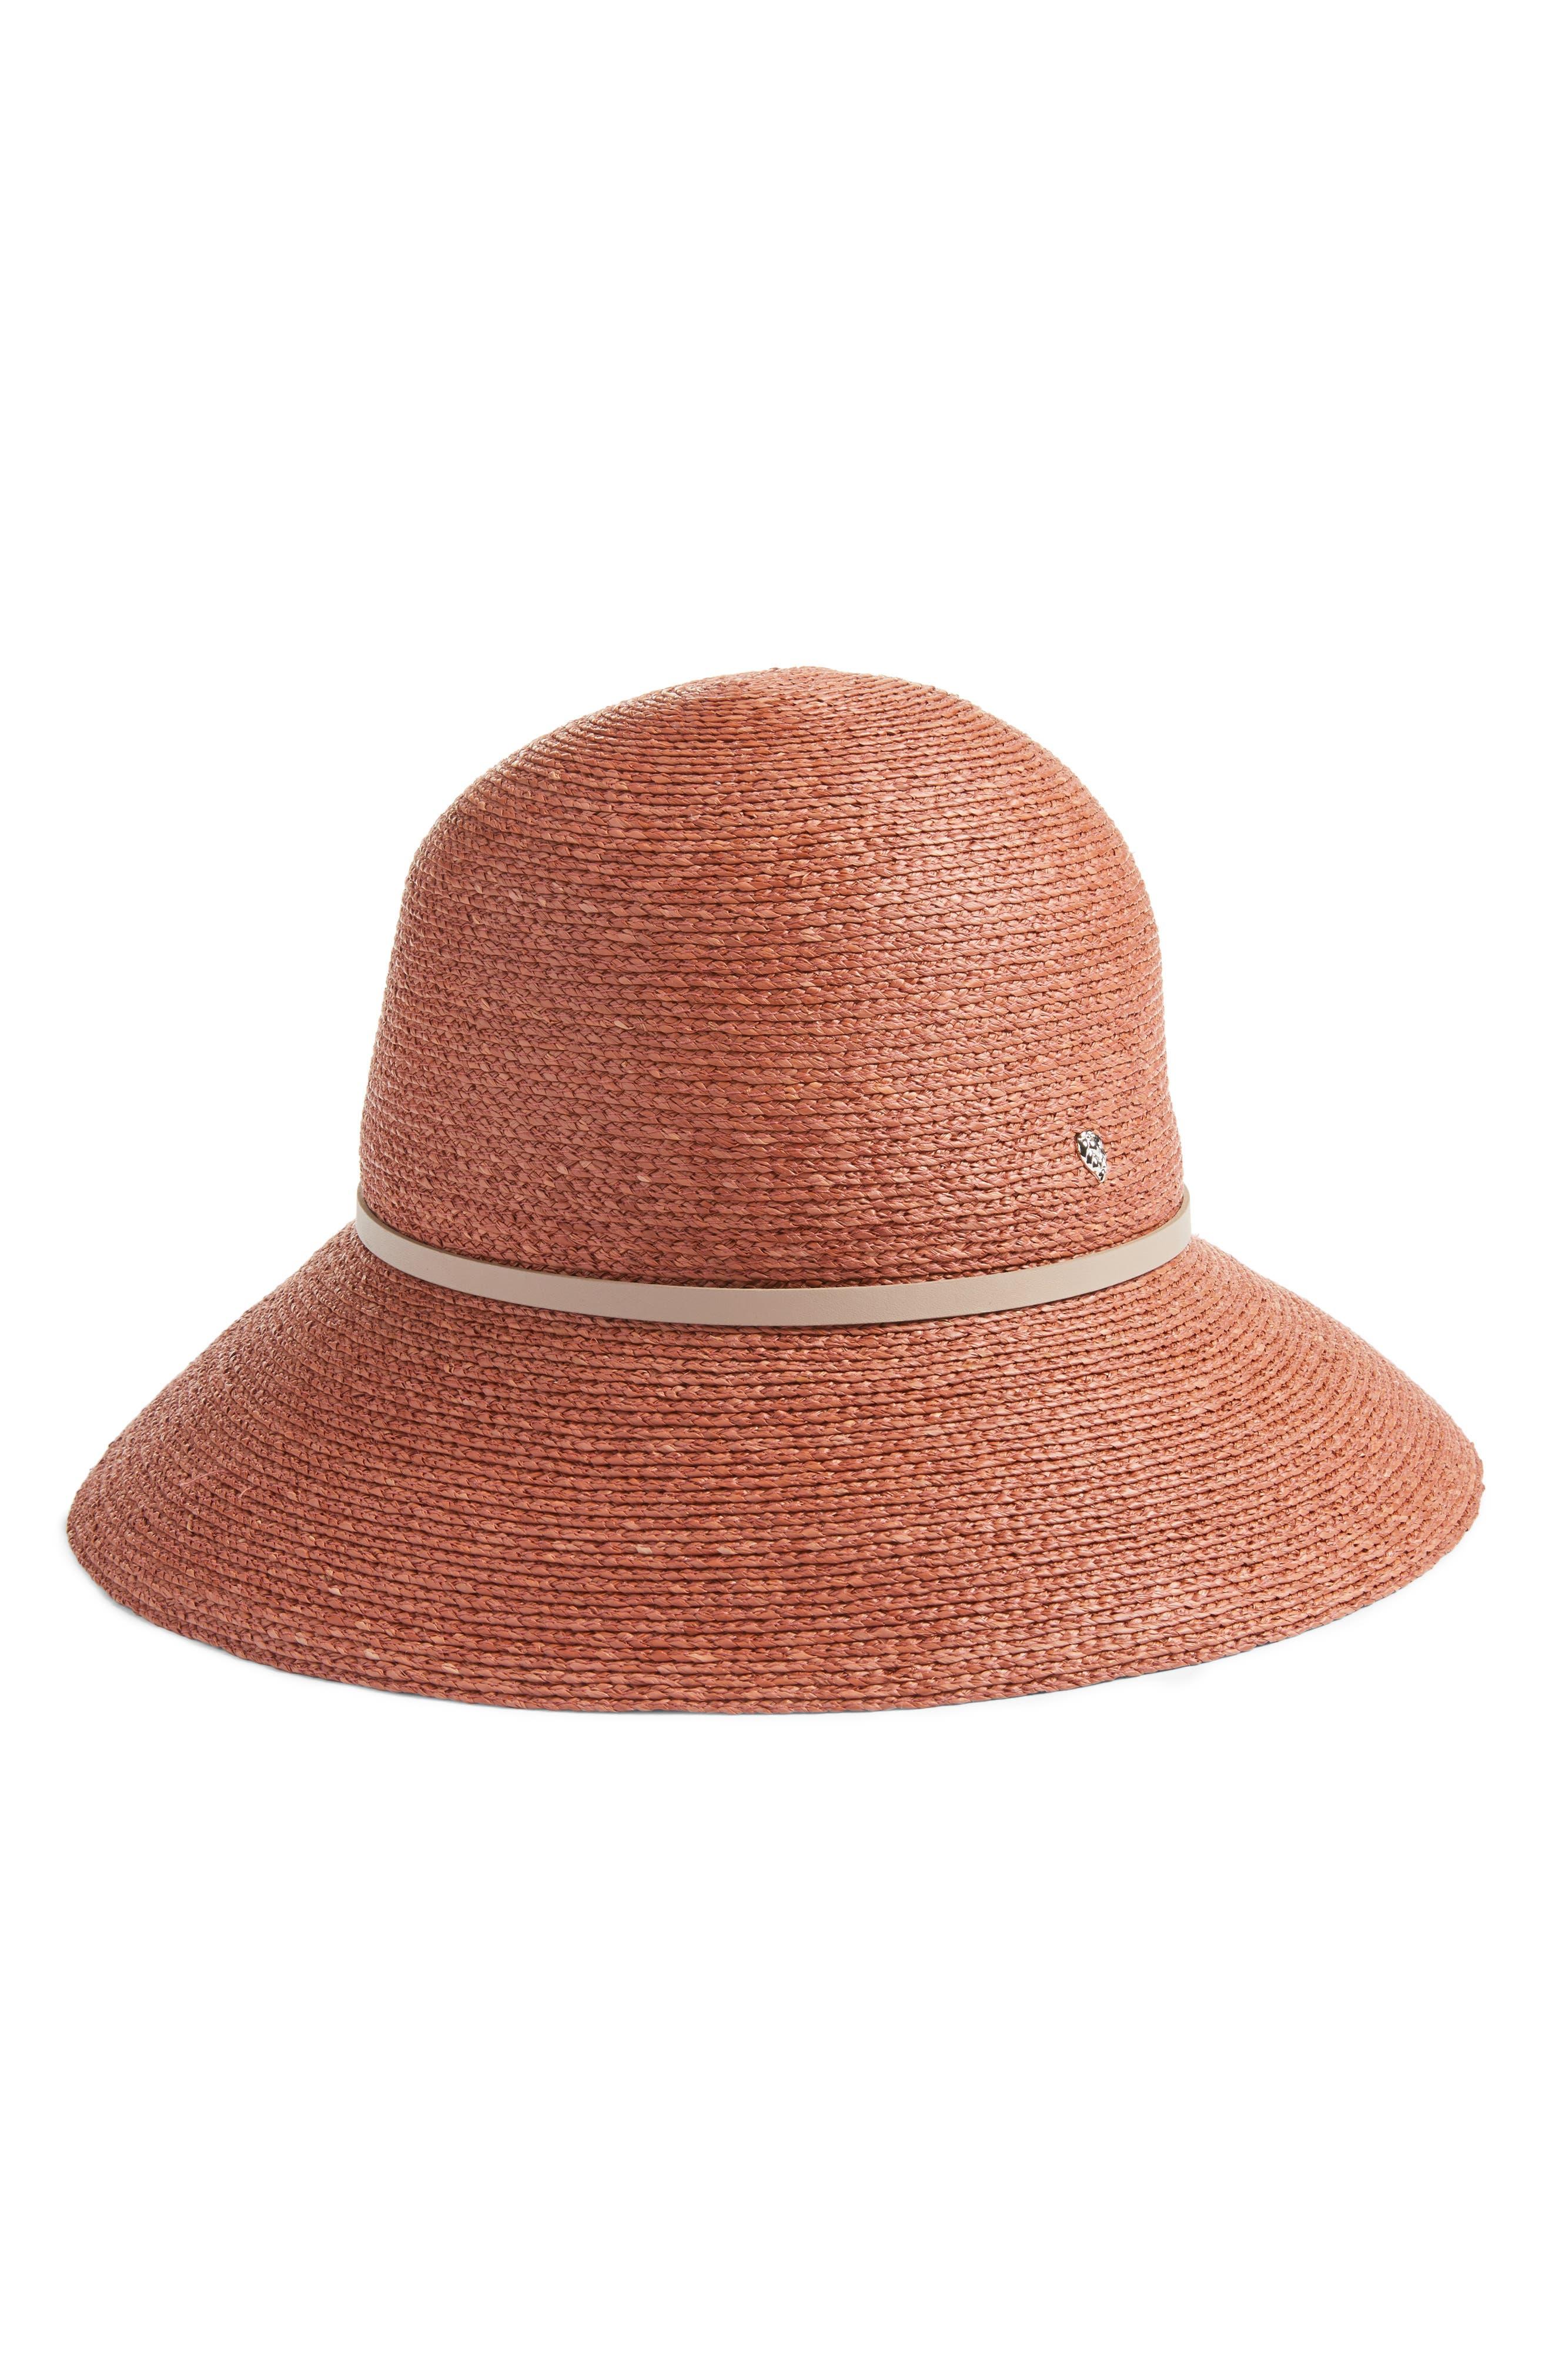 Packable Raffia Cloche Hat,                             Alternate thumbnail 2, color,                             Auburn